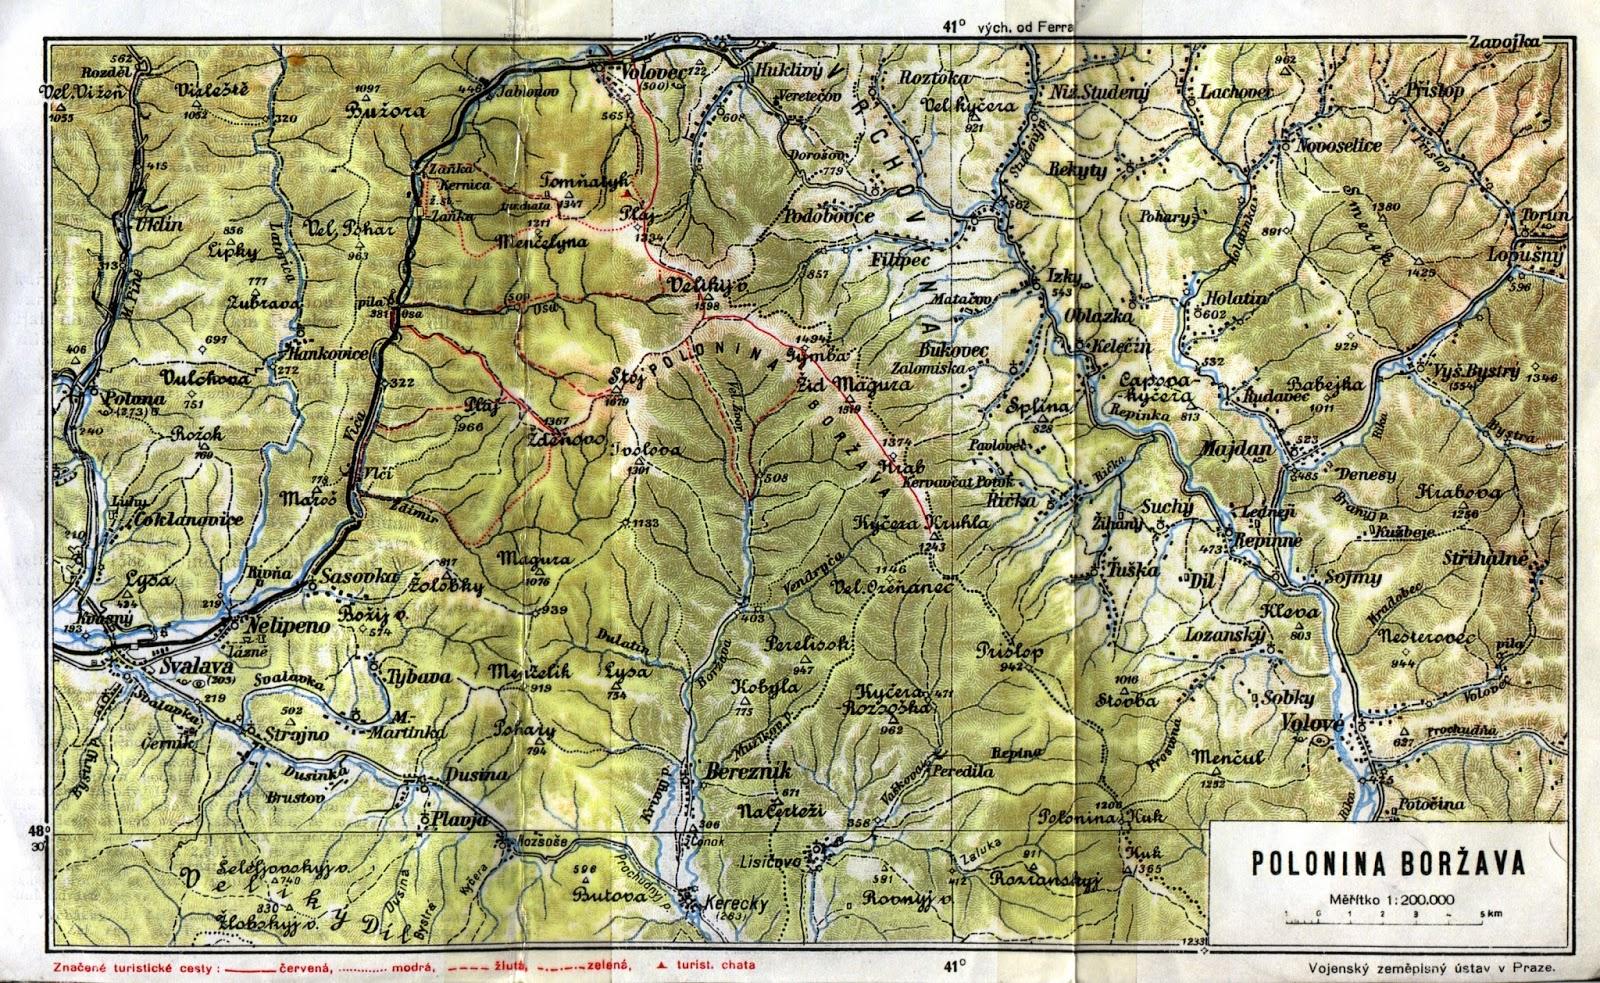 Zakarpatska Ukrajina Mapa Poloniny Borzava